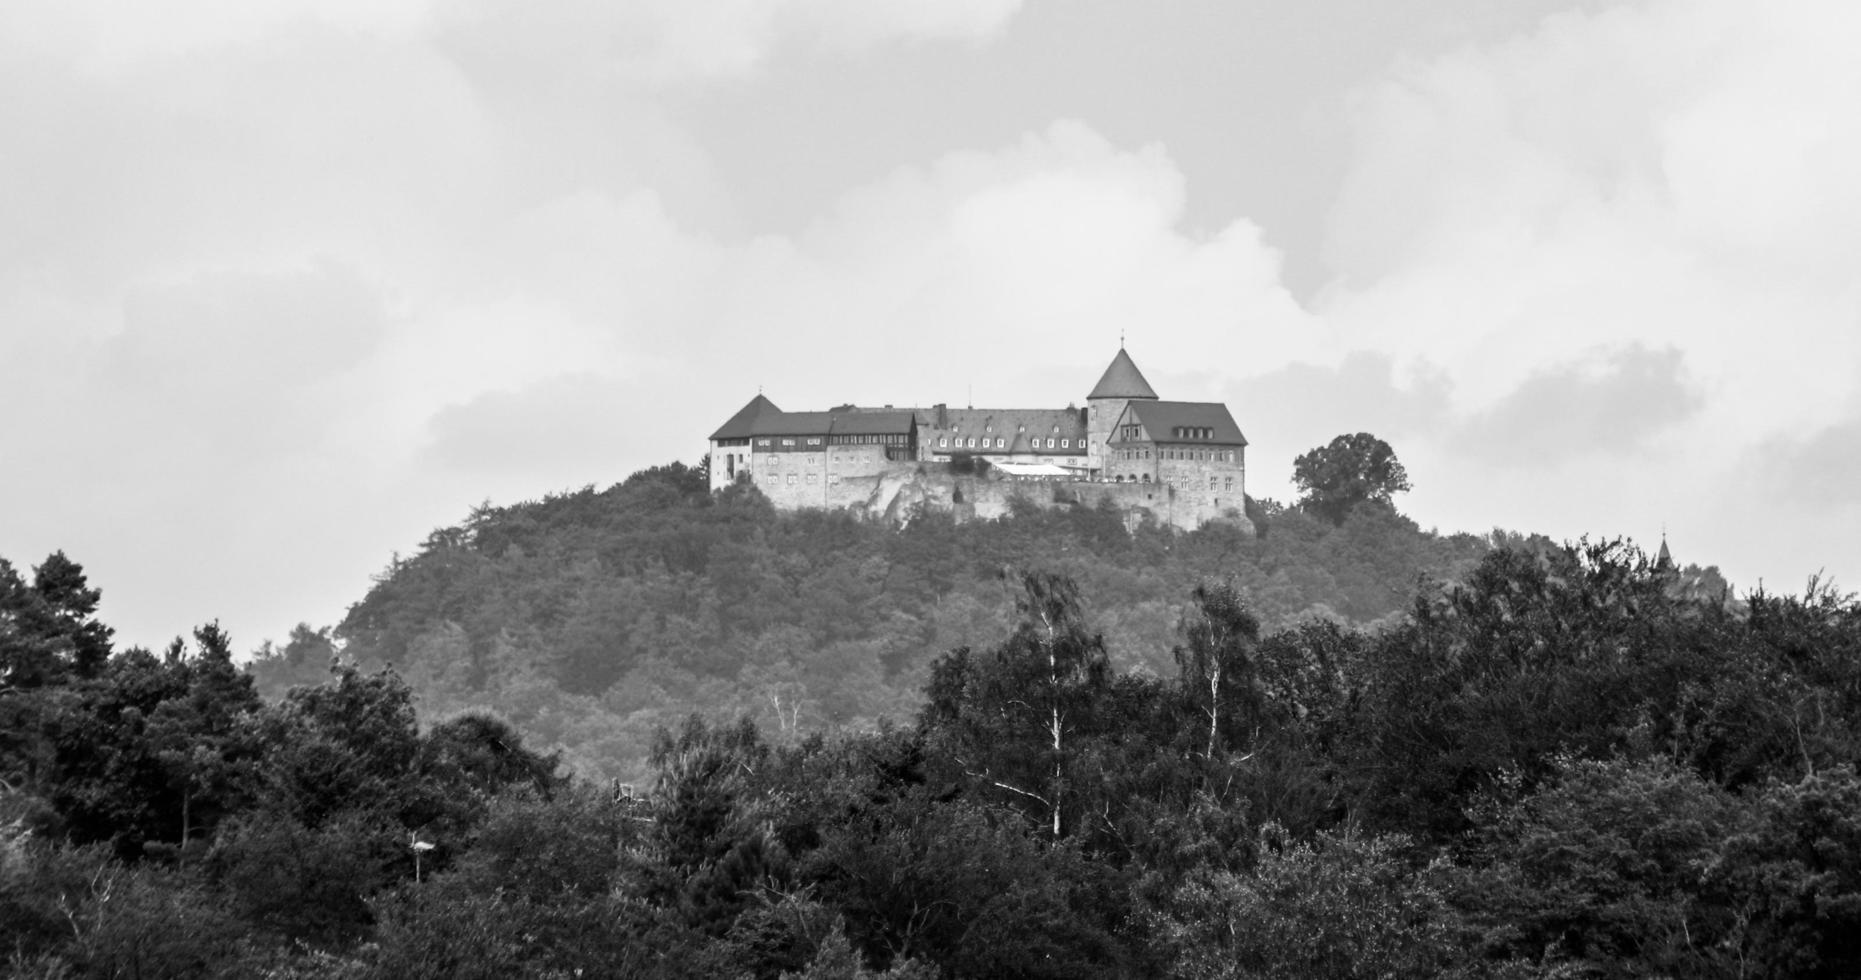 hessen, germania, 2020 - scala di grigi del castello di waldeck foto